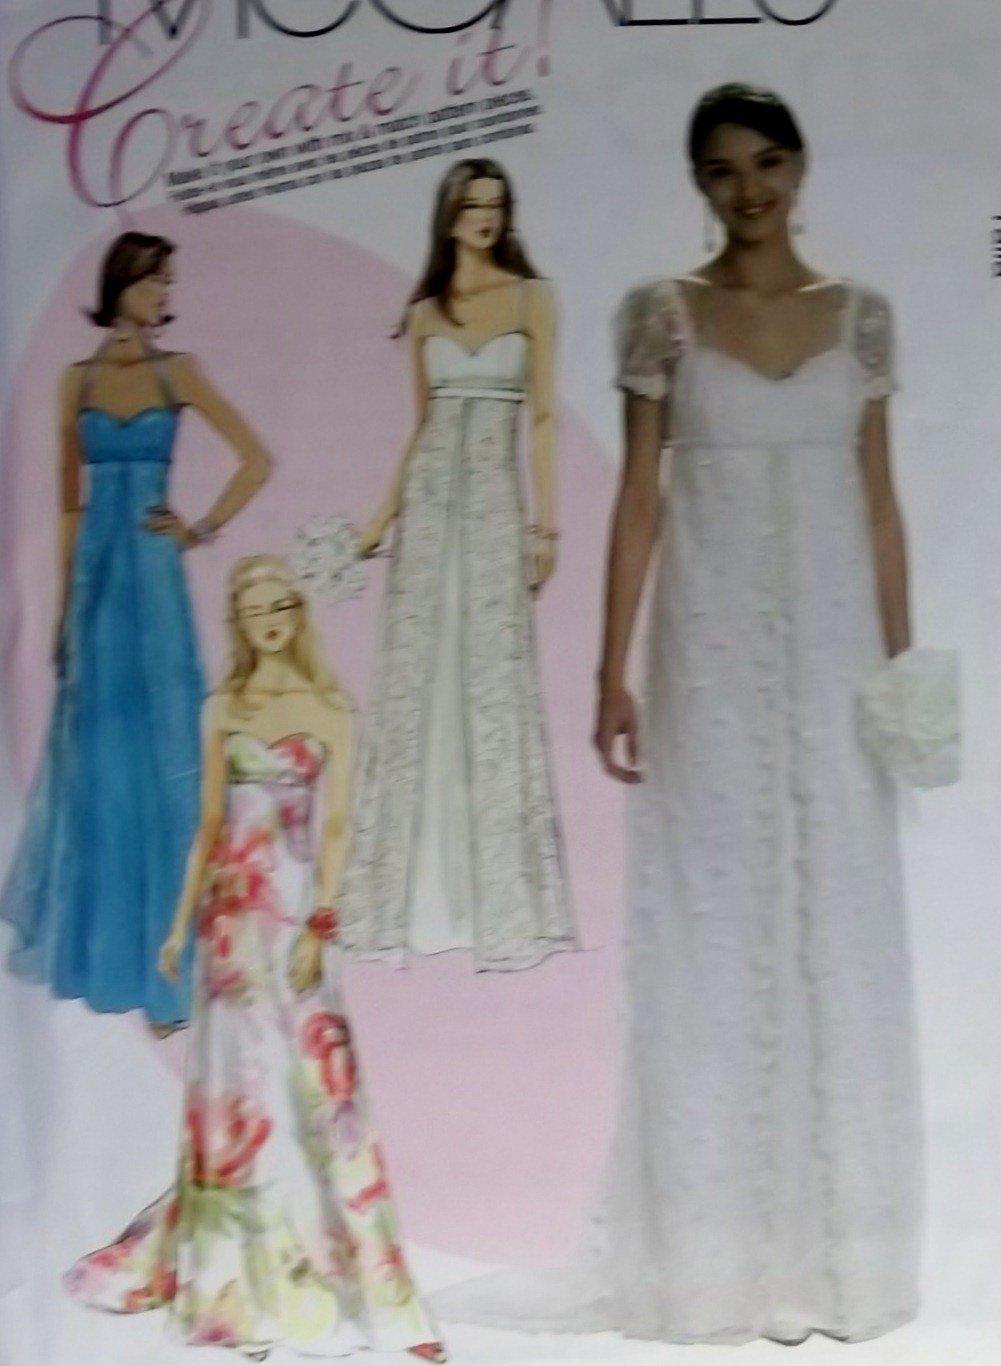 McCalls M 6030 Sewing Pattern, Create it! Misses' Dress, Size 6 8 10 12 14, UNCUT